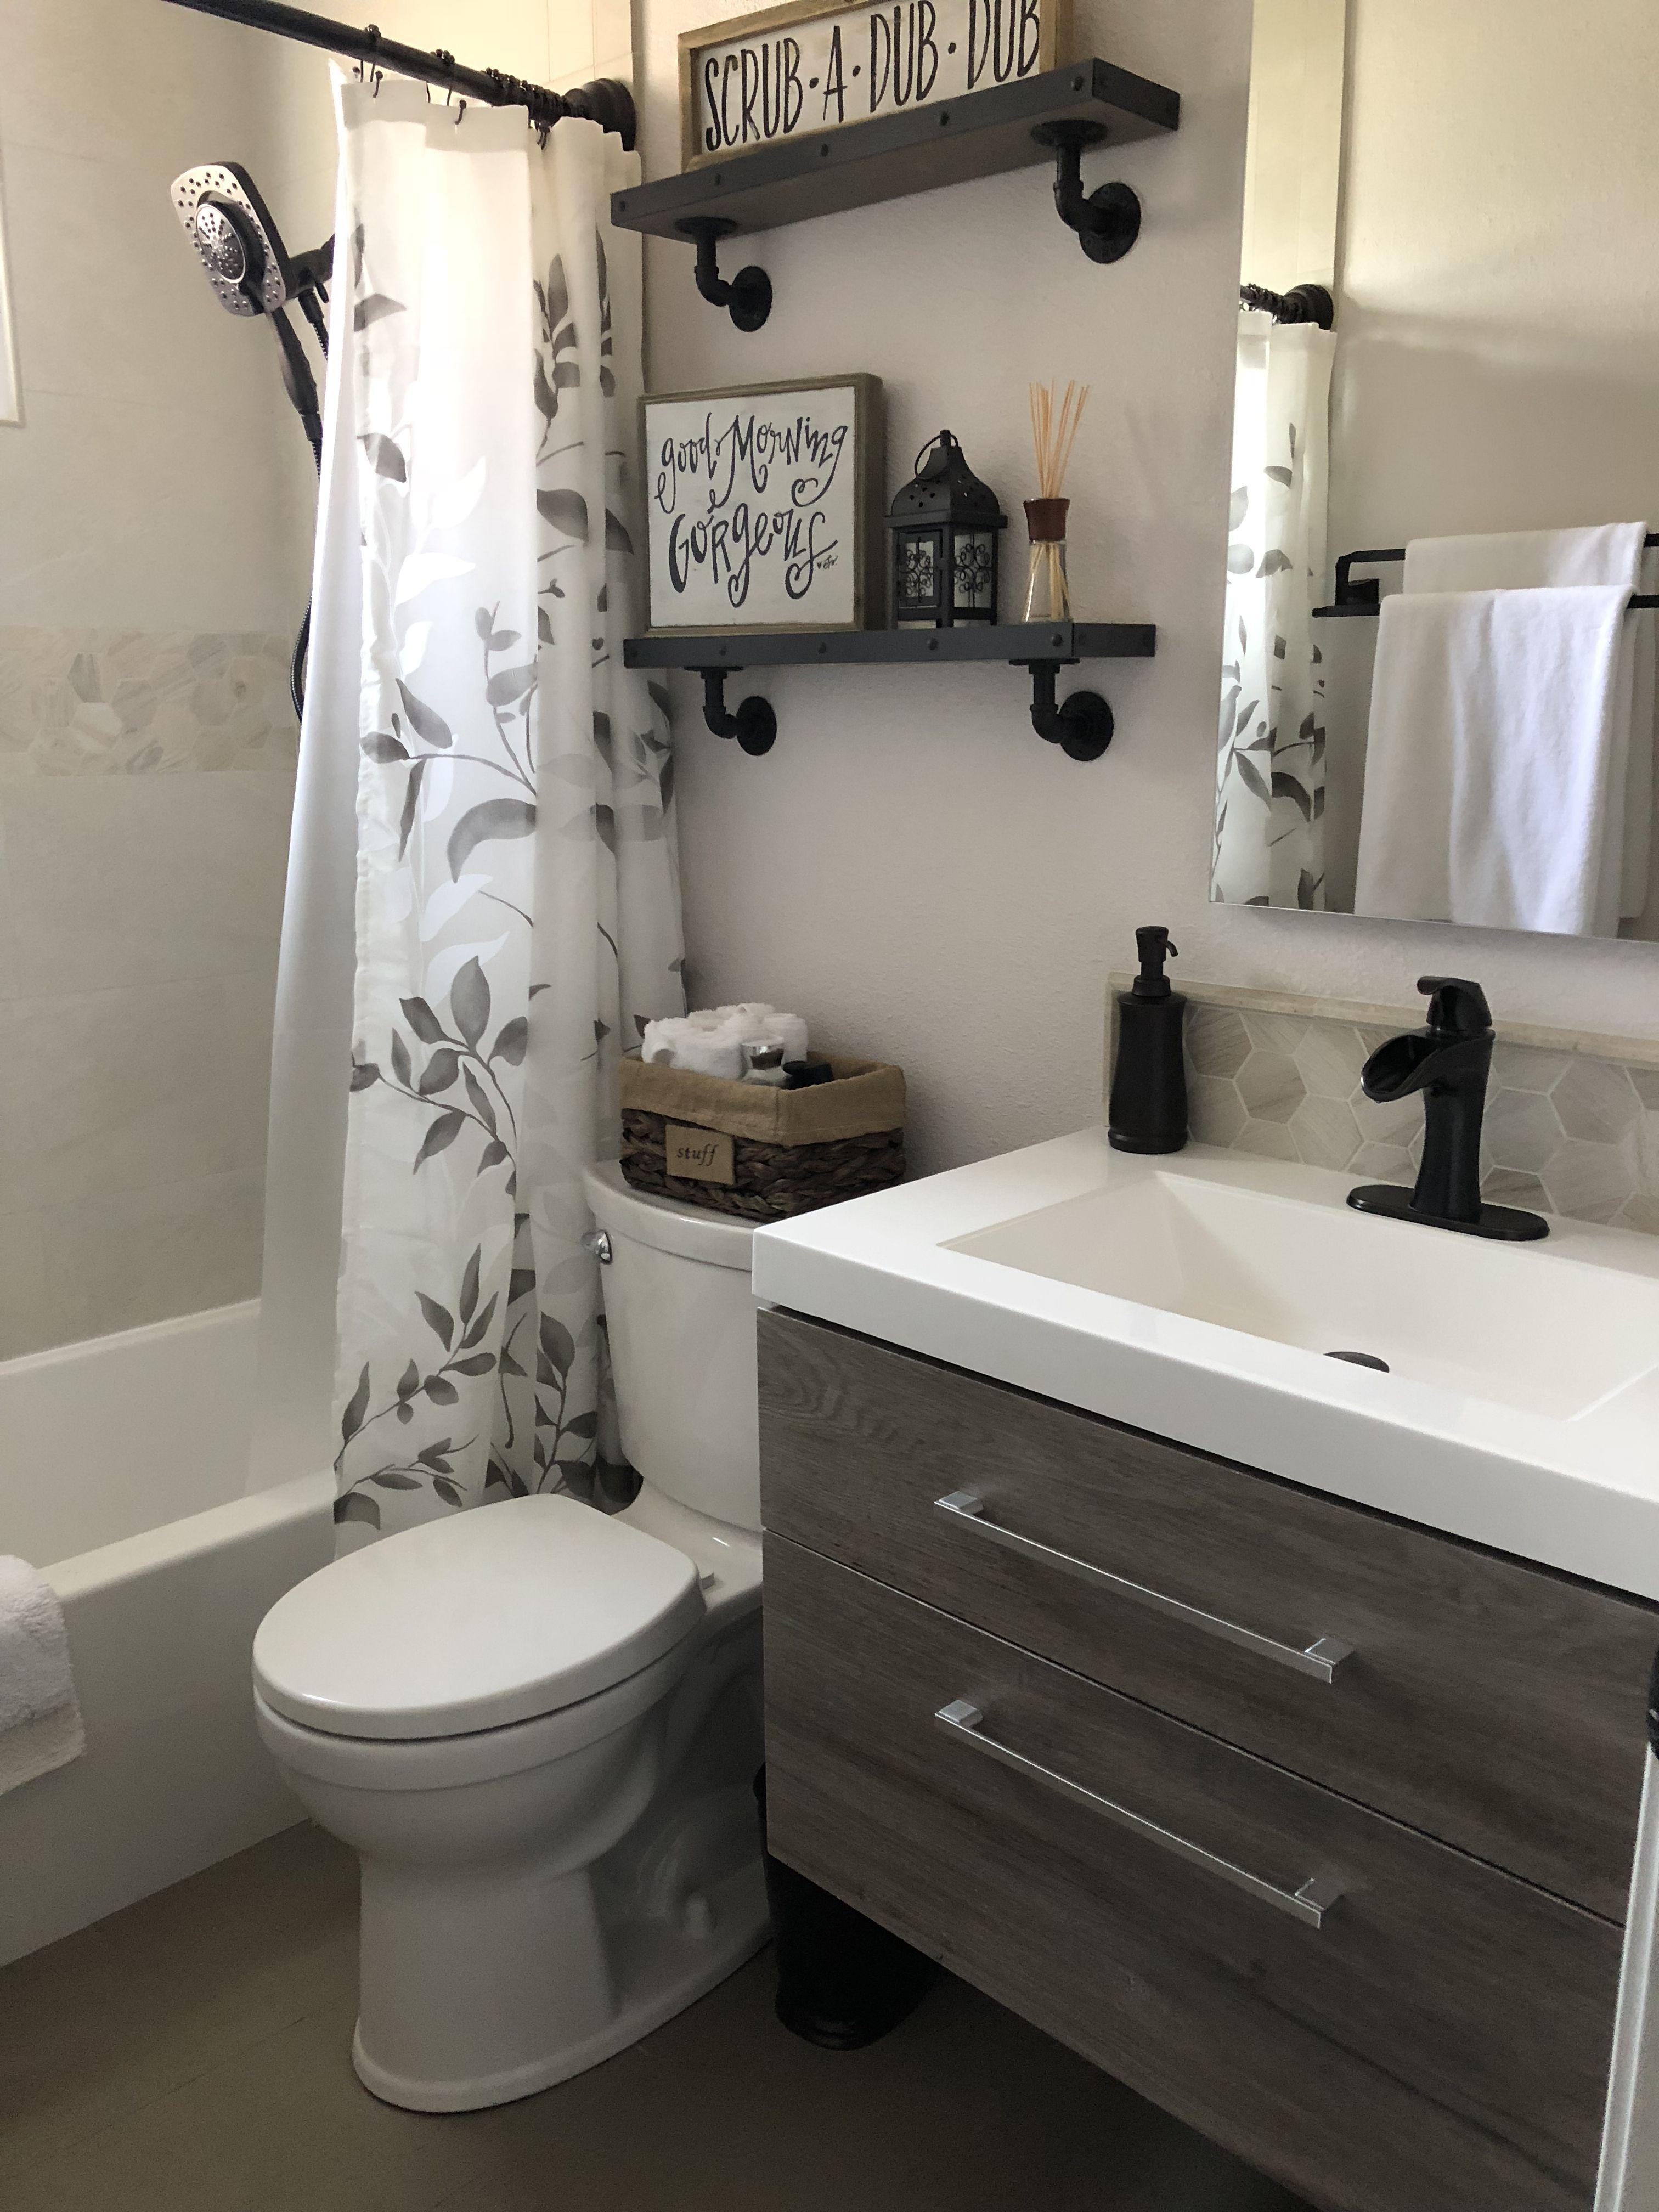 Floating Vanity Bathroomideas Bathroomideasroom Bathroomideasremodeling Bathroomwalldecor In 2020 Small Bathroom Remodel Small Bathroom Decor Bathroom Design Small